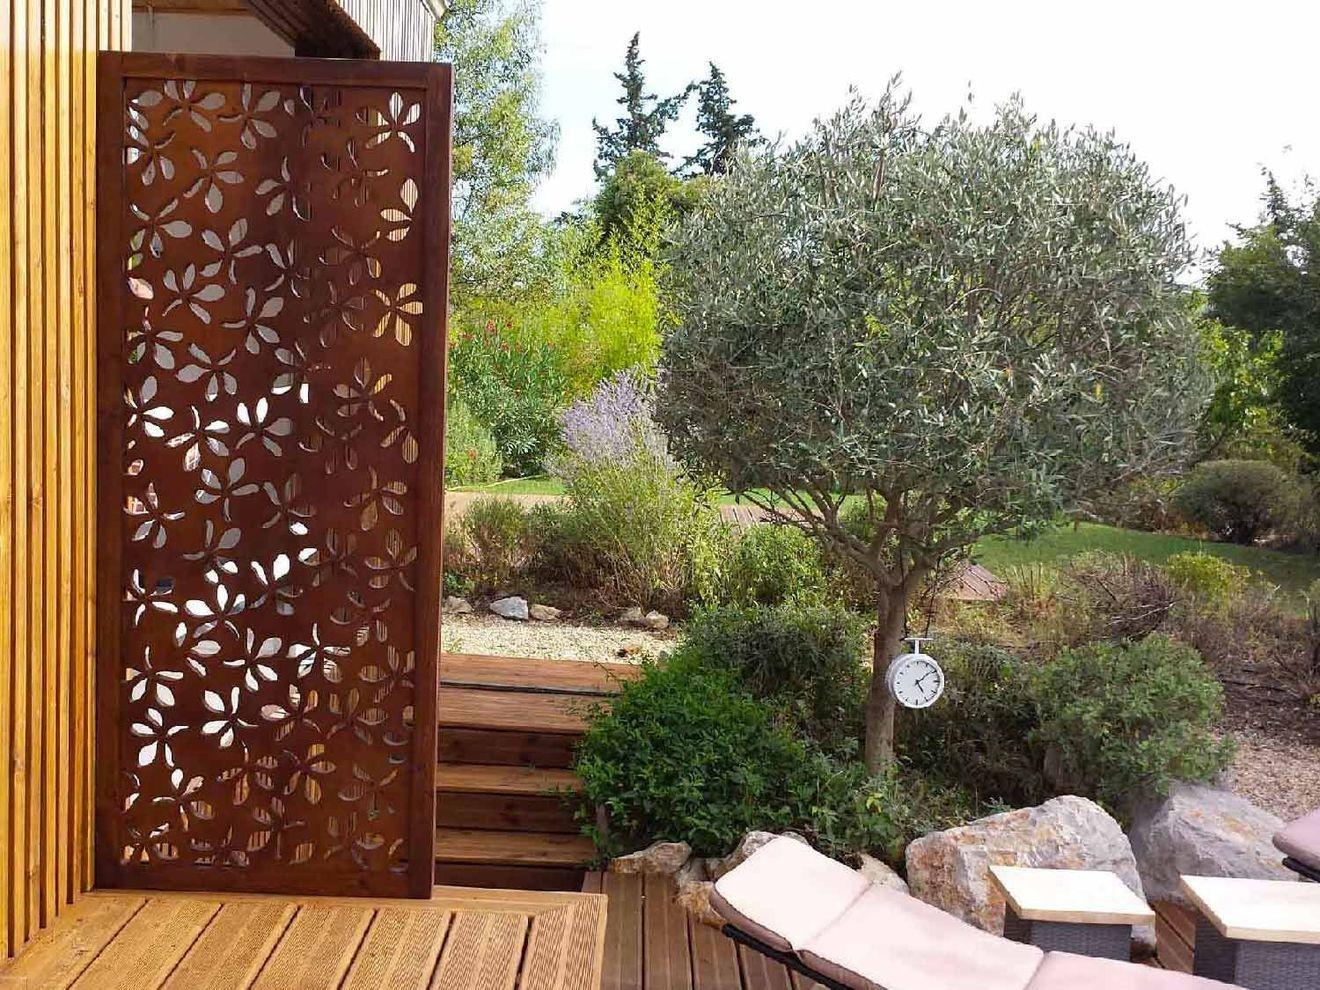 100 Incroyable Suggestions Claustra Exterieur Pour Jardin